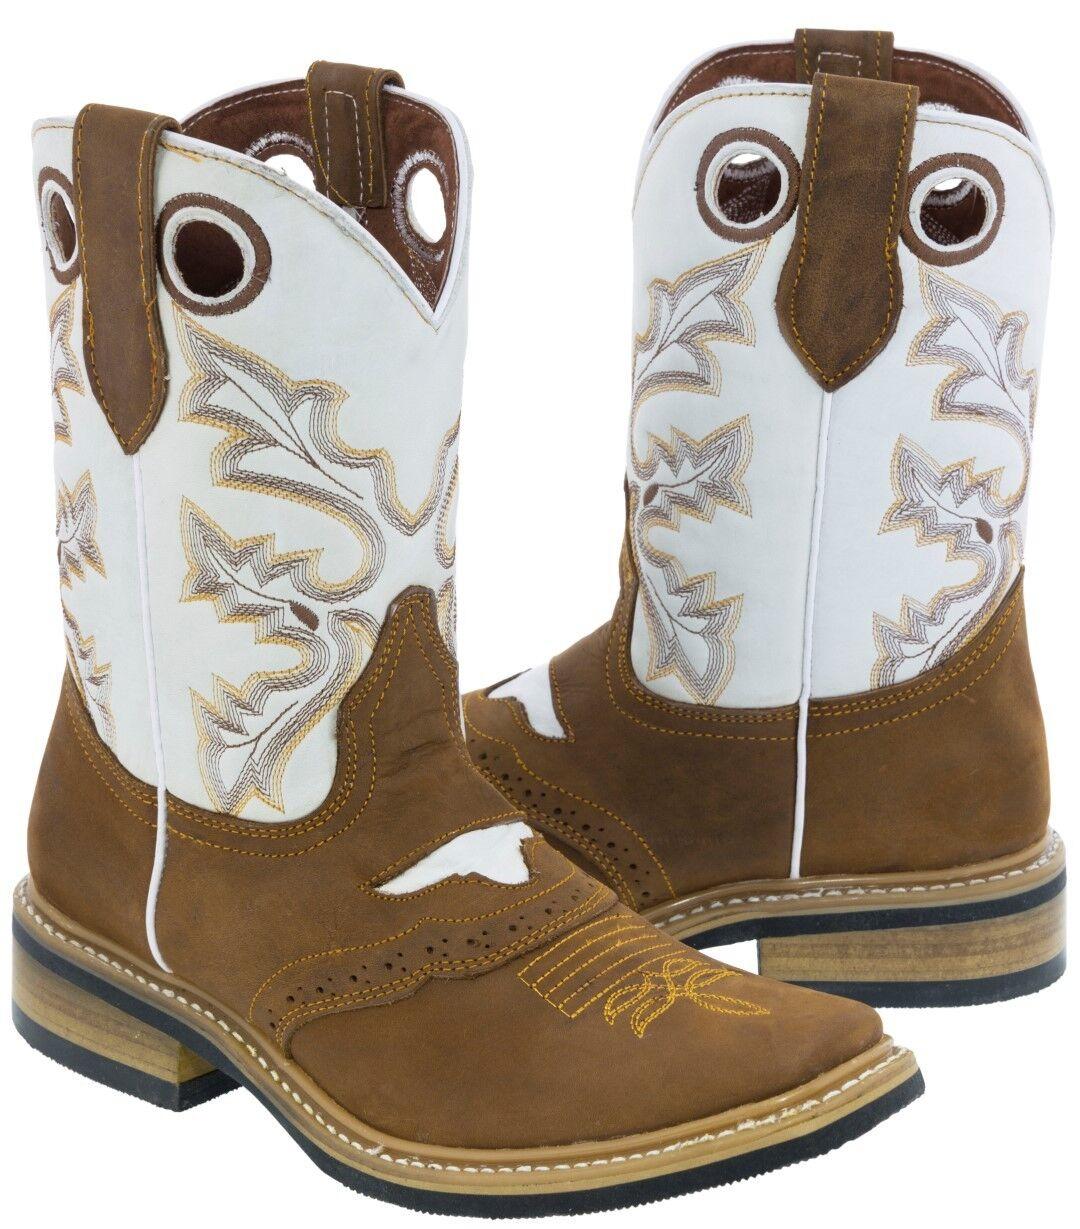 Para hombres cuero marrón claro botas Vaqueras Sillín Rodeo Toe Western Wear